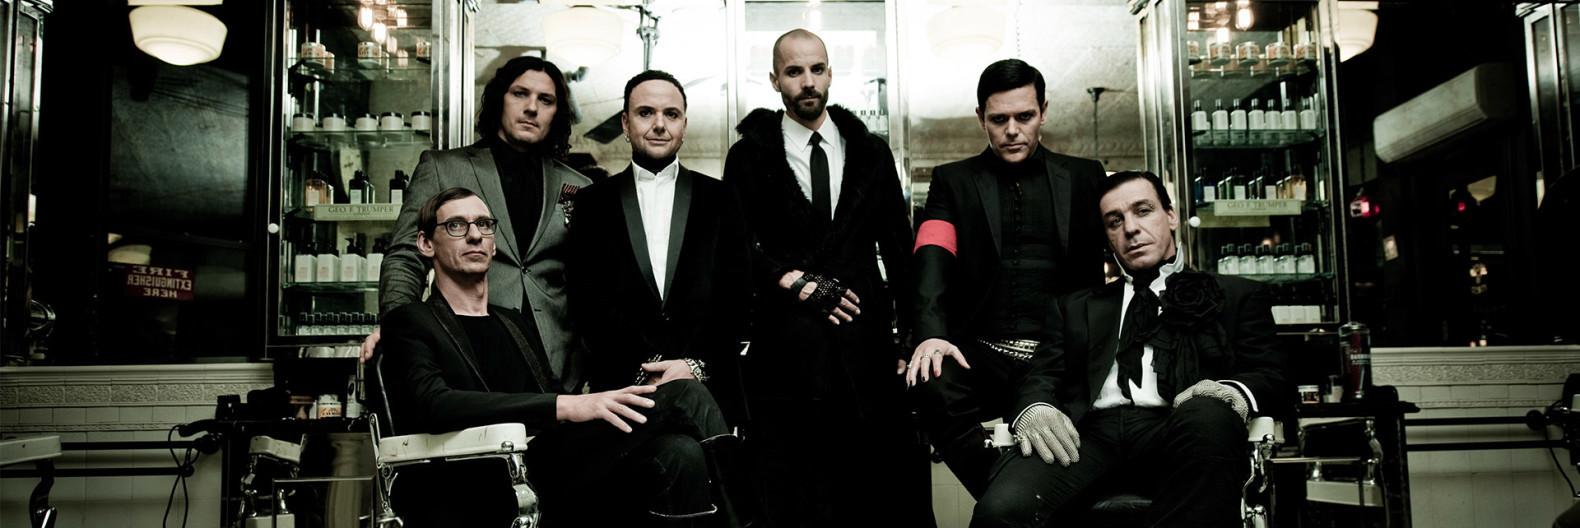 Rammstein concert in Turin